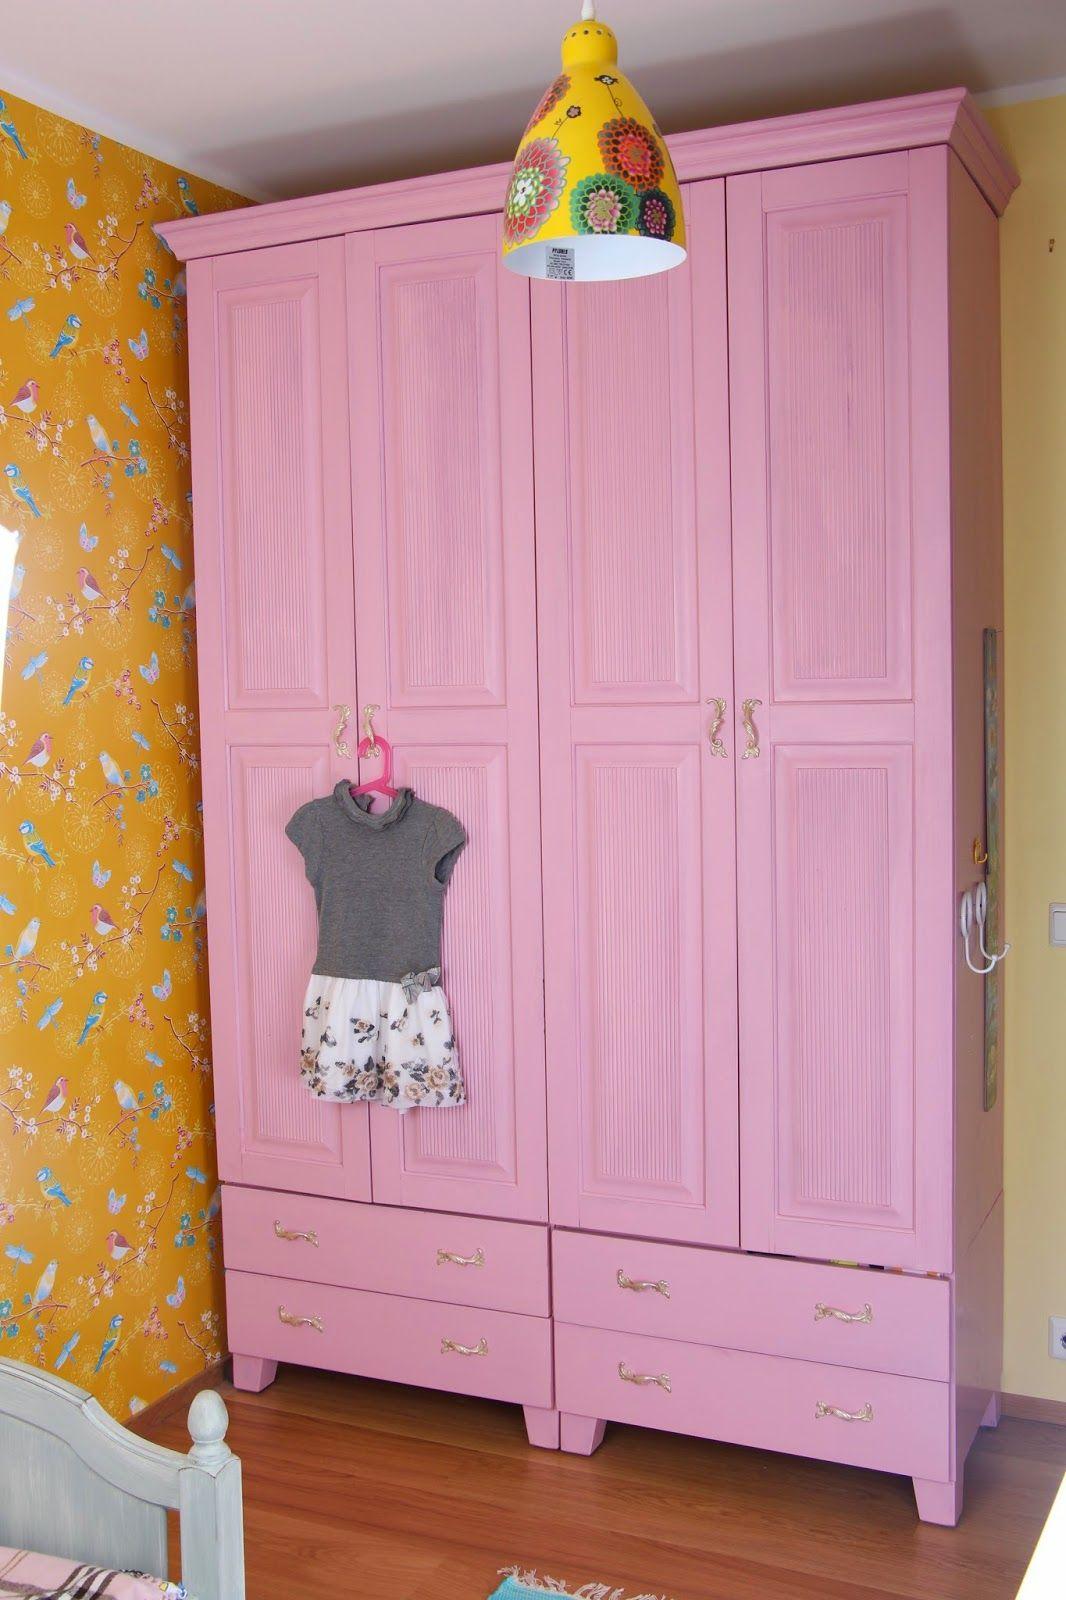 Vaaleanpunainen vaatekaappi, #sisustus #värilläonväliä #juviproduction